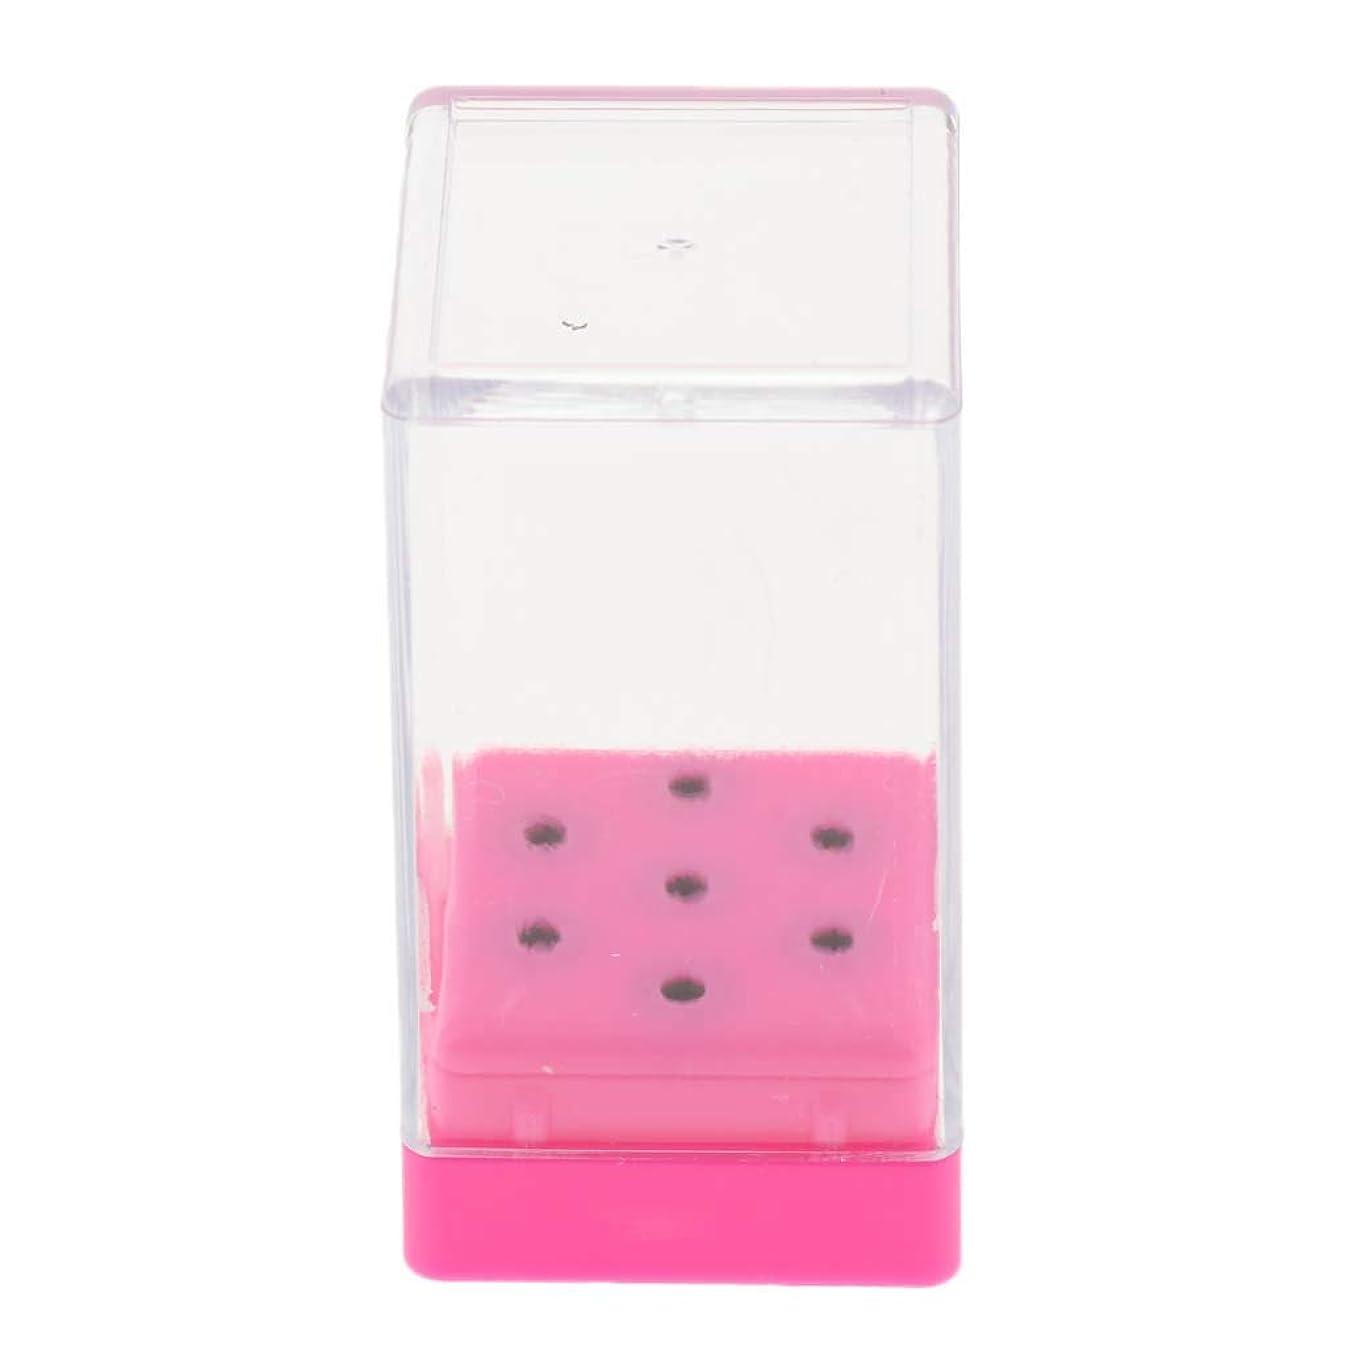 休暇僕の引き算Hellery ネイルドリルビット ホルダーディスプレイ カバー付き立て 収納ボックス ABS素材 全3色 - 粉